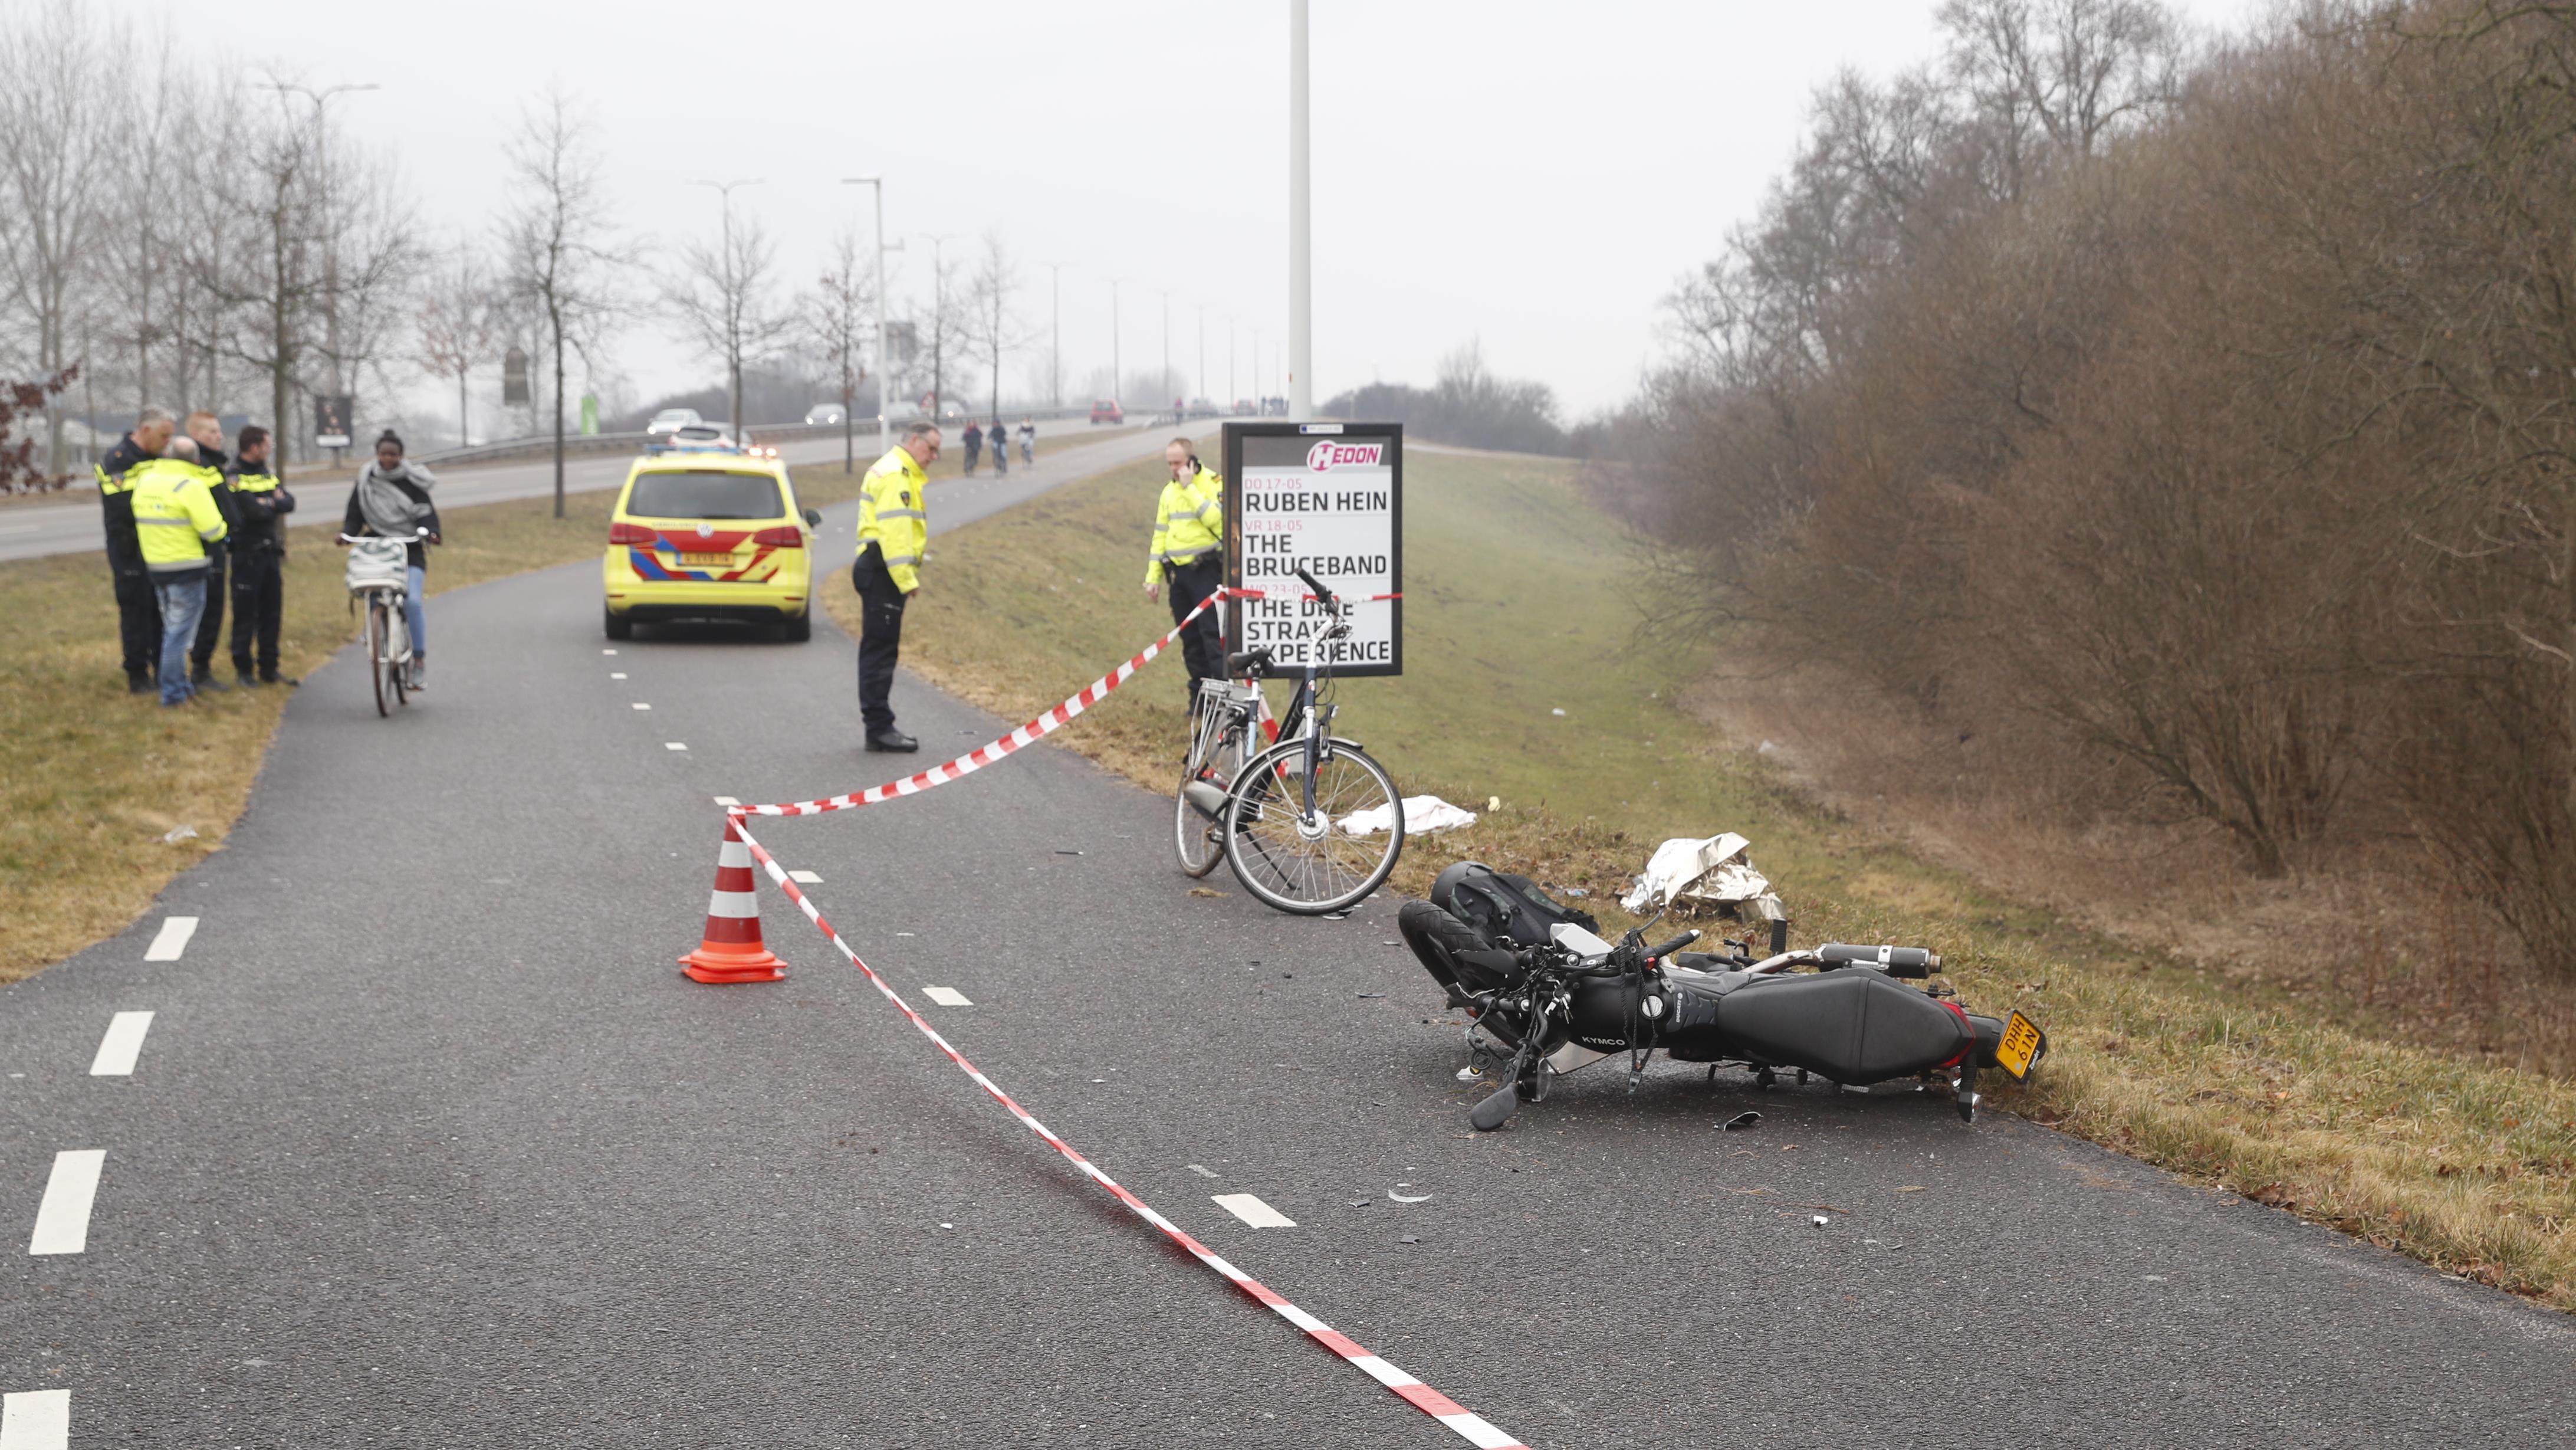 Fietser valt van talud naar beneden na aanrijding in Zwolle.